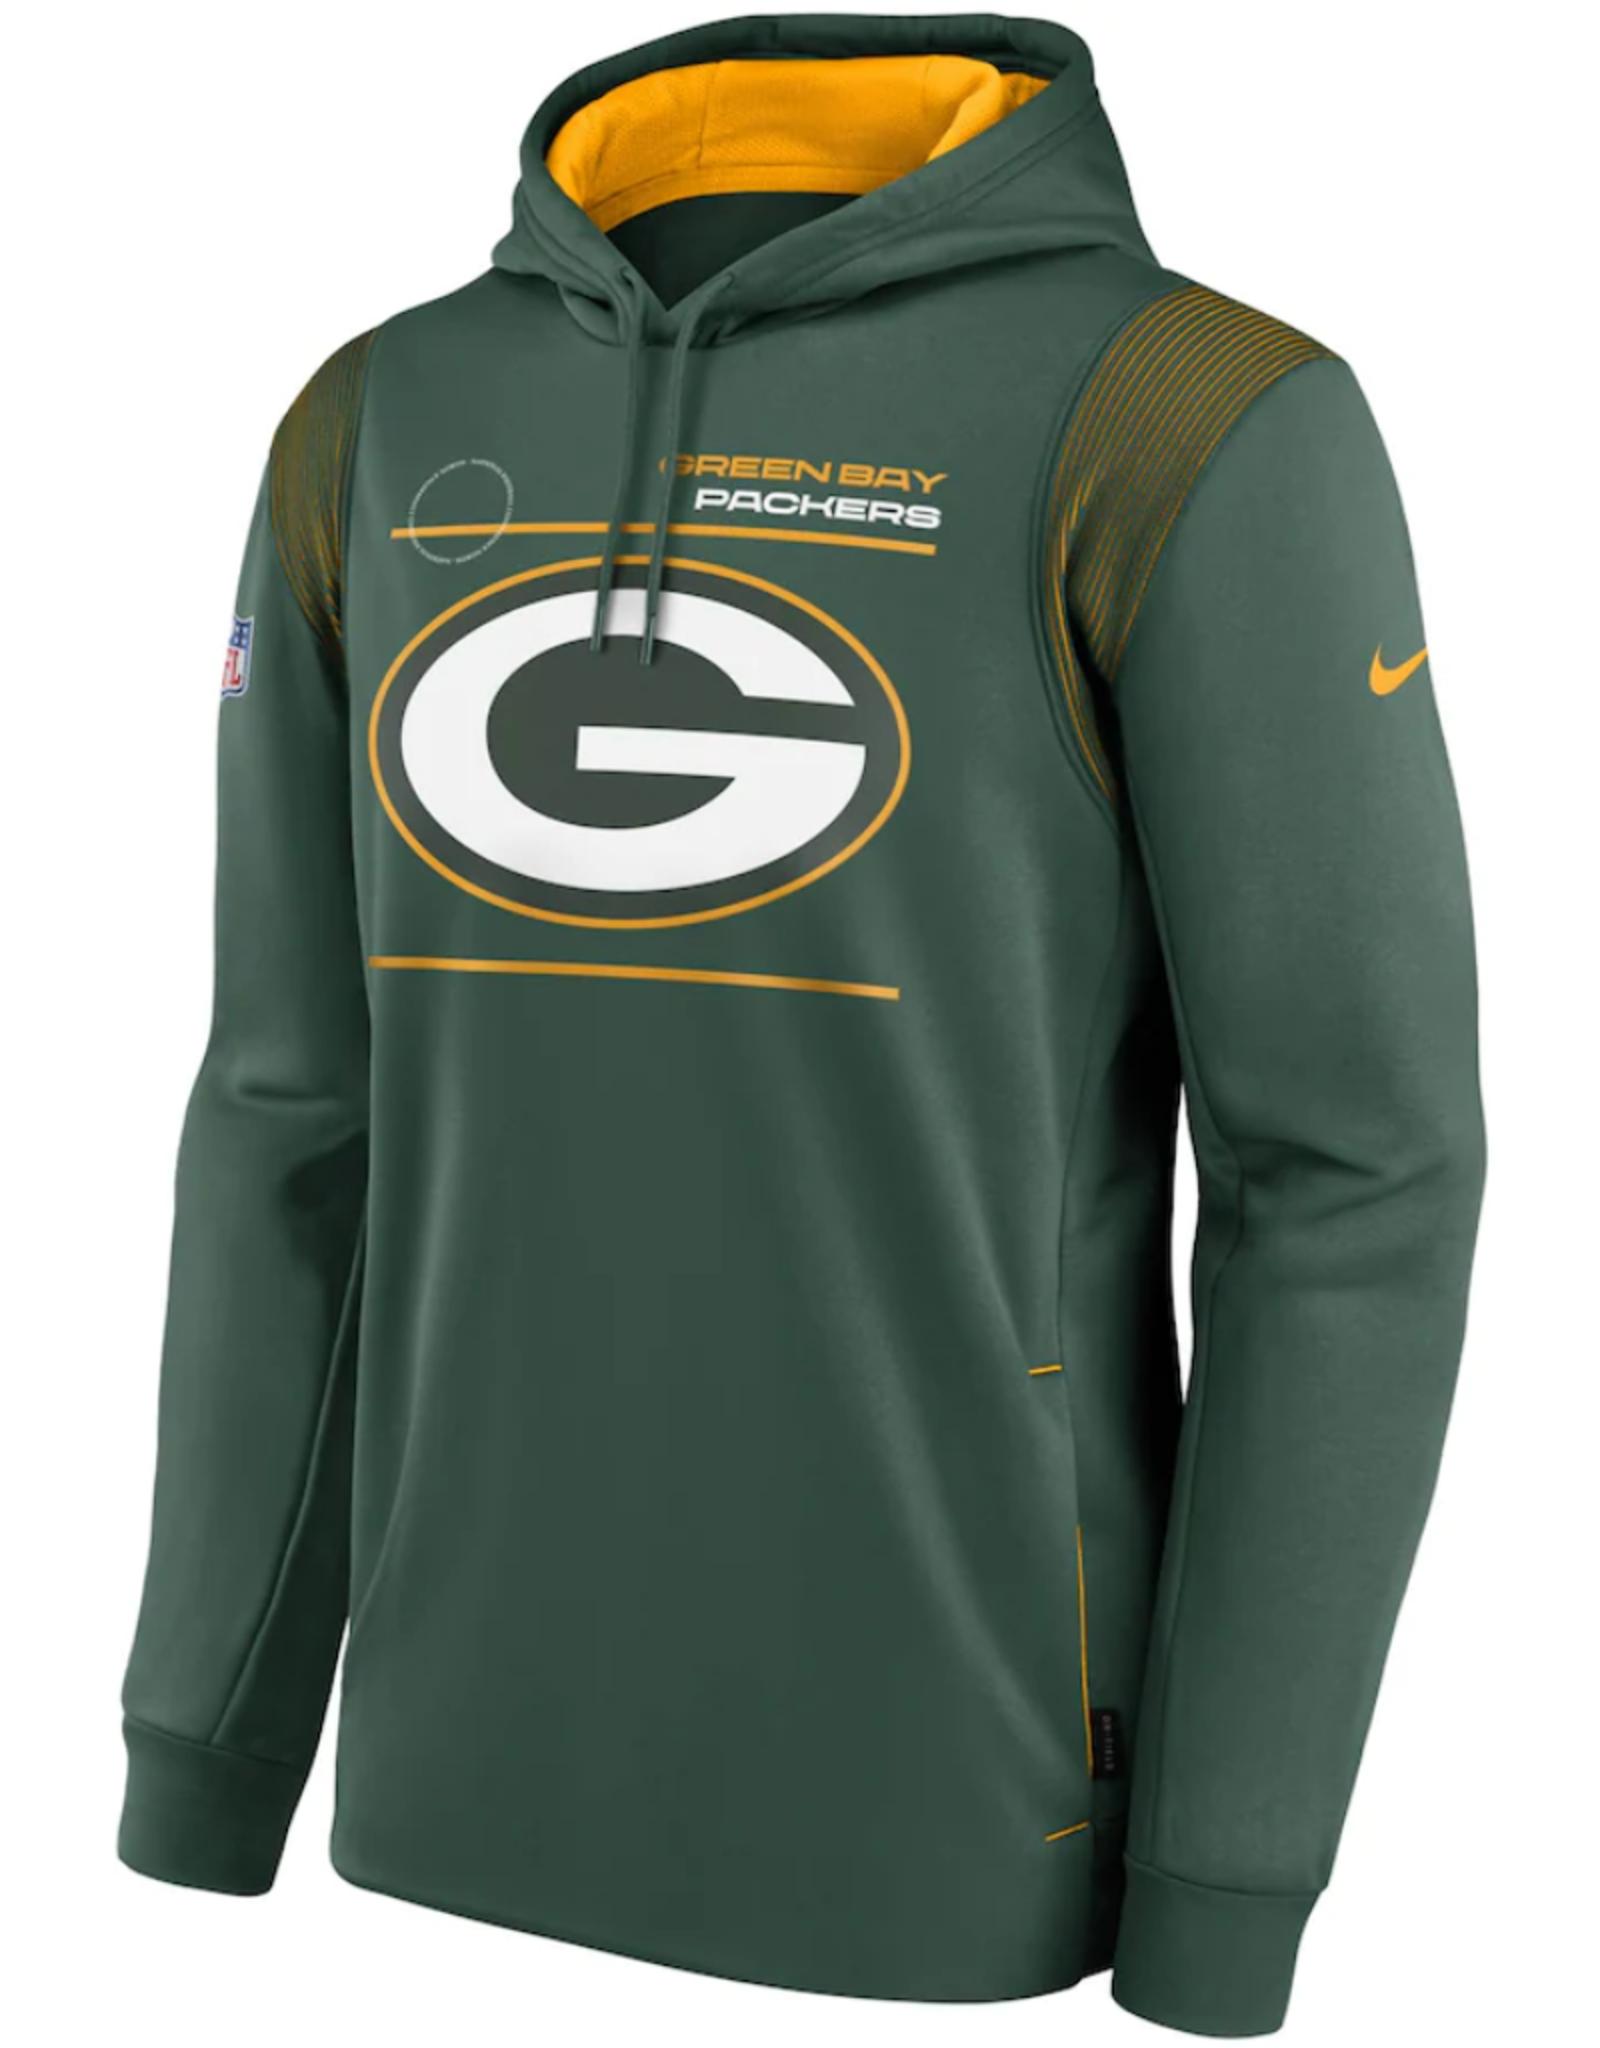 Nike Men's '21 Sideline Therma Hoodie Green Bay Packers Green